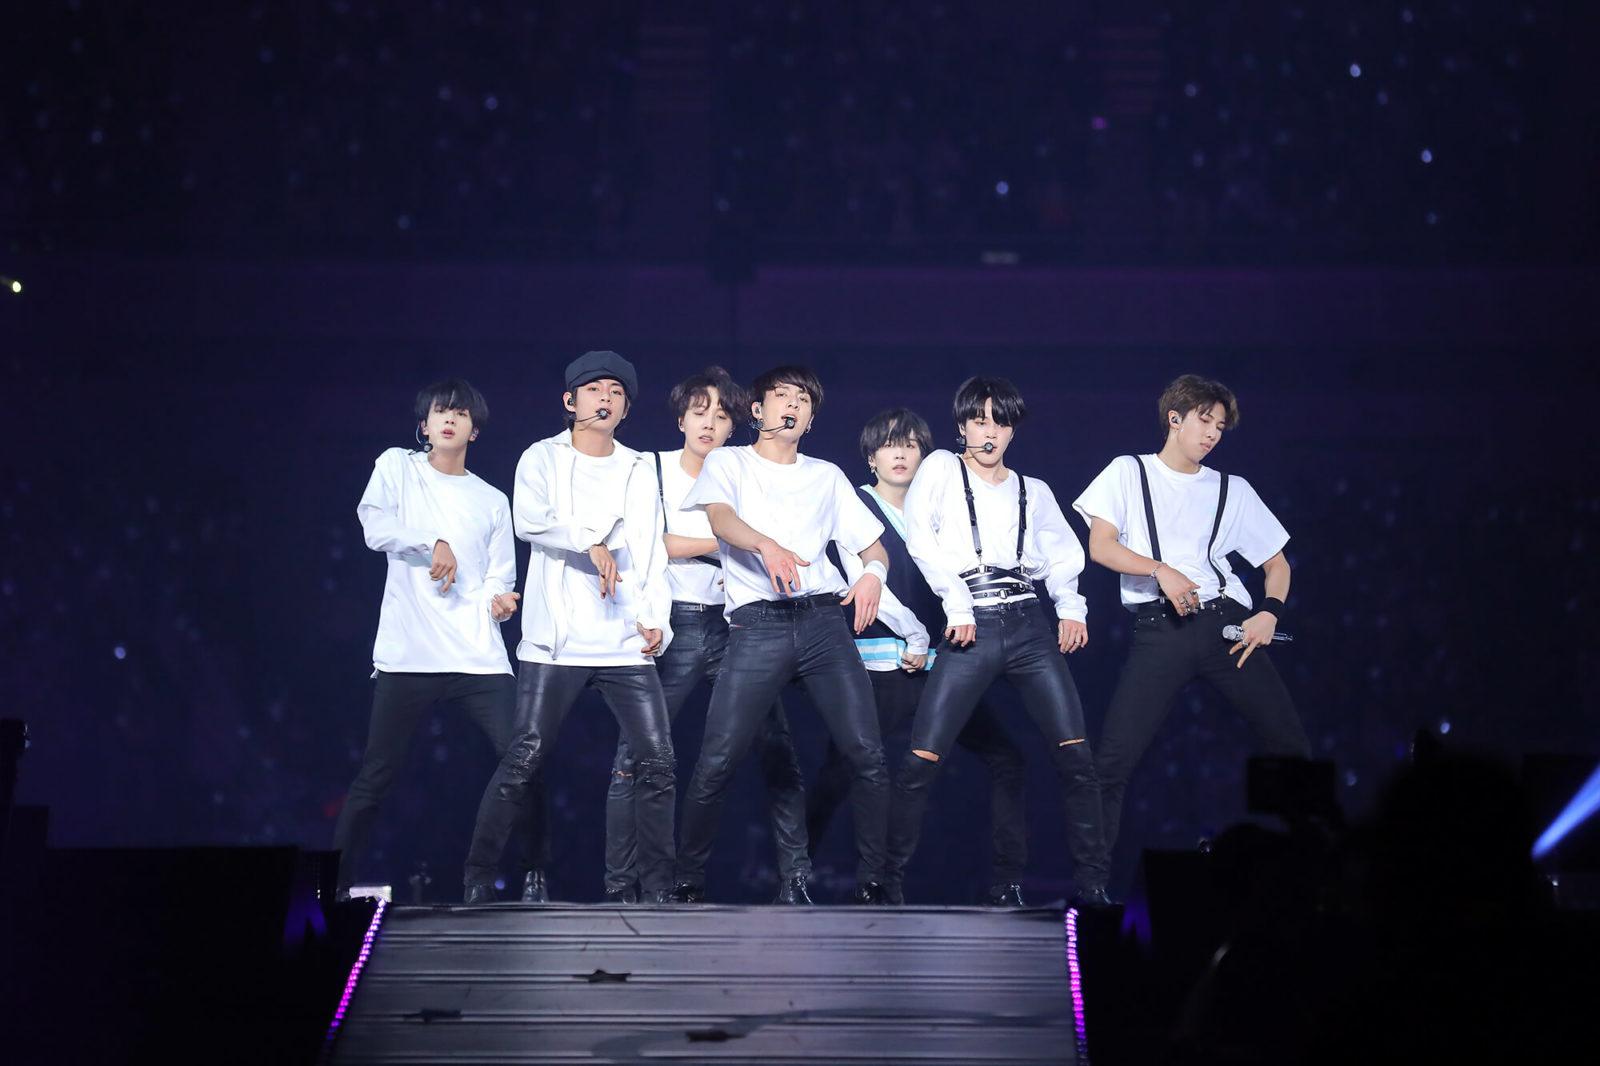 BTS (防弾少年団)ファンミーティング開催!ドラマ「シグナル」主演の坂口健太郎も来場サムネイル画像!